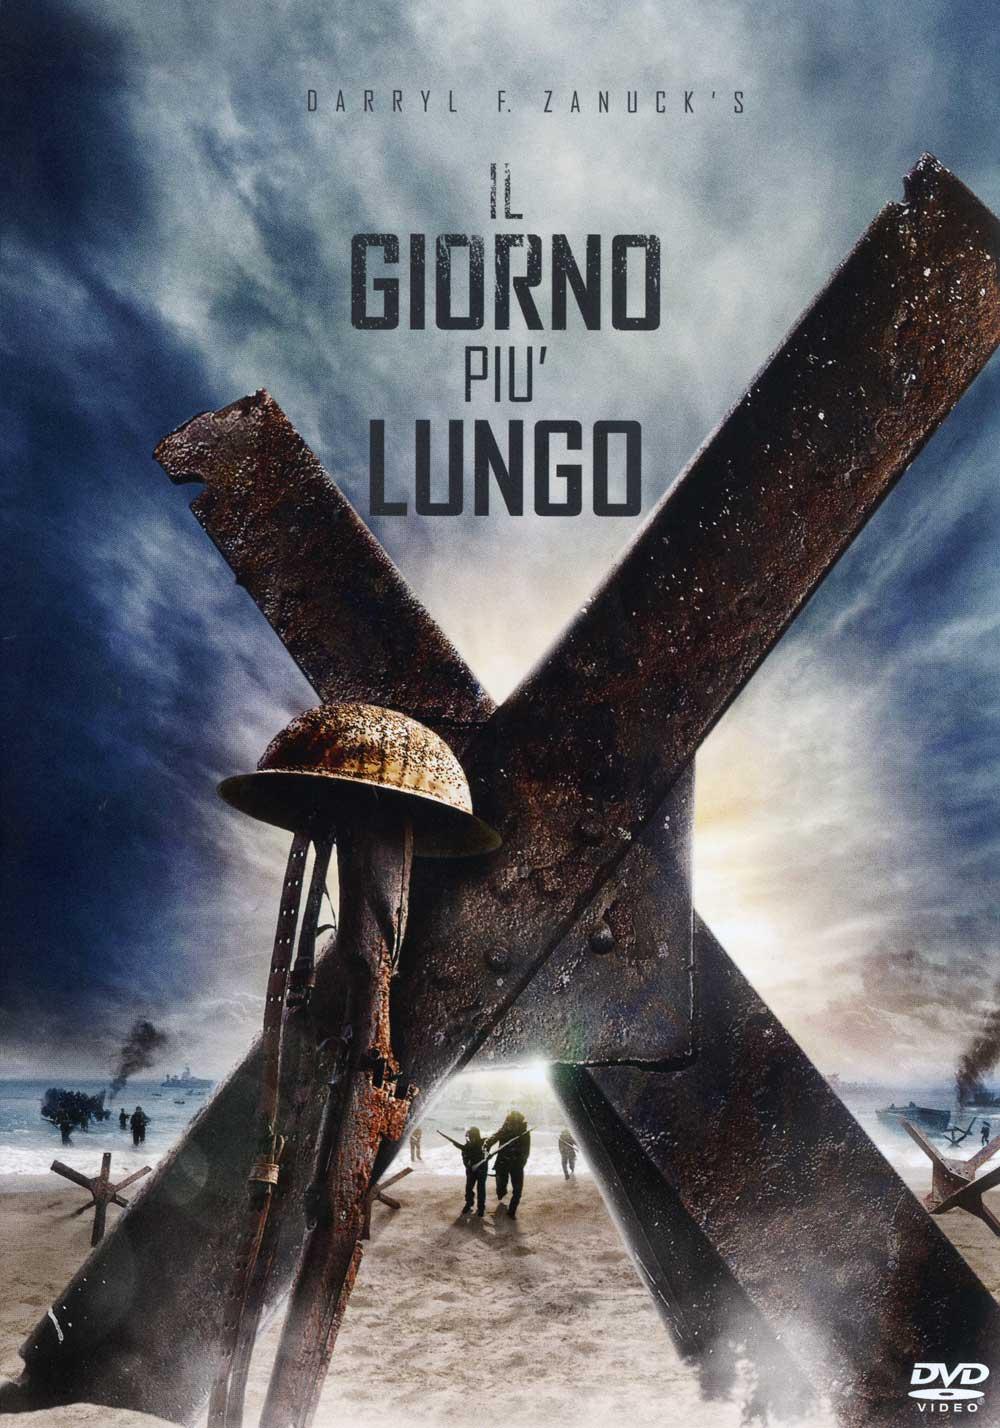 IL GIORNO PIU' LUNGO (DVD)